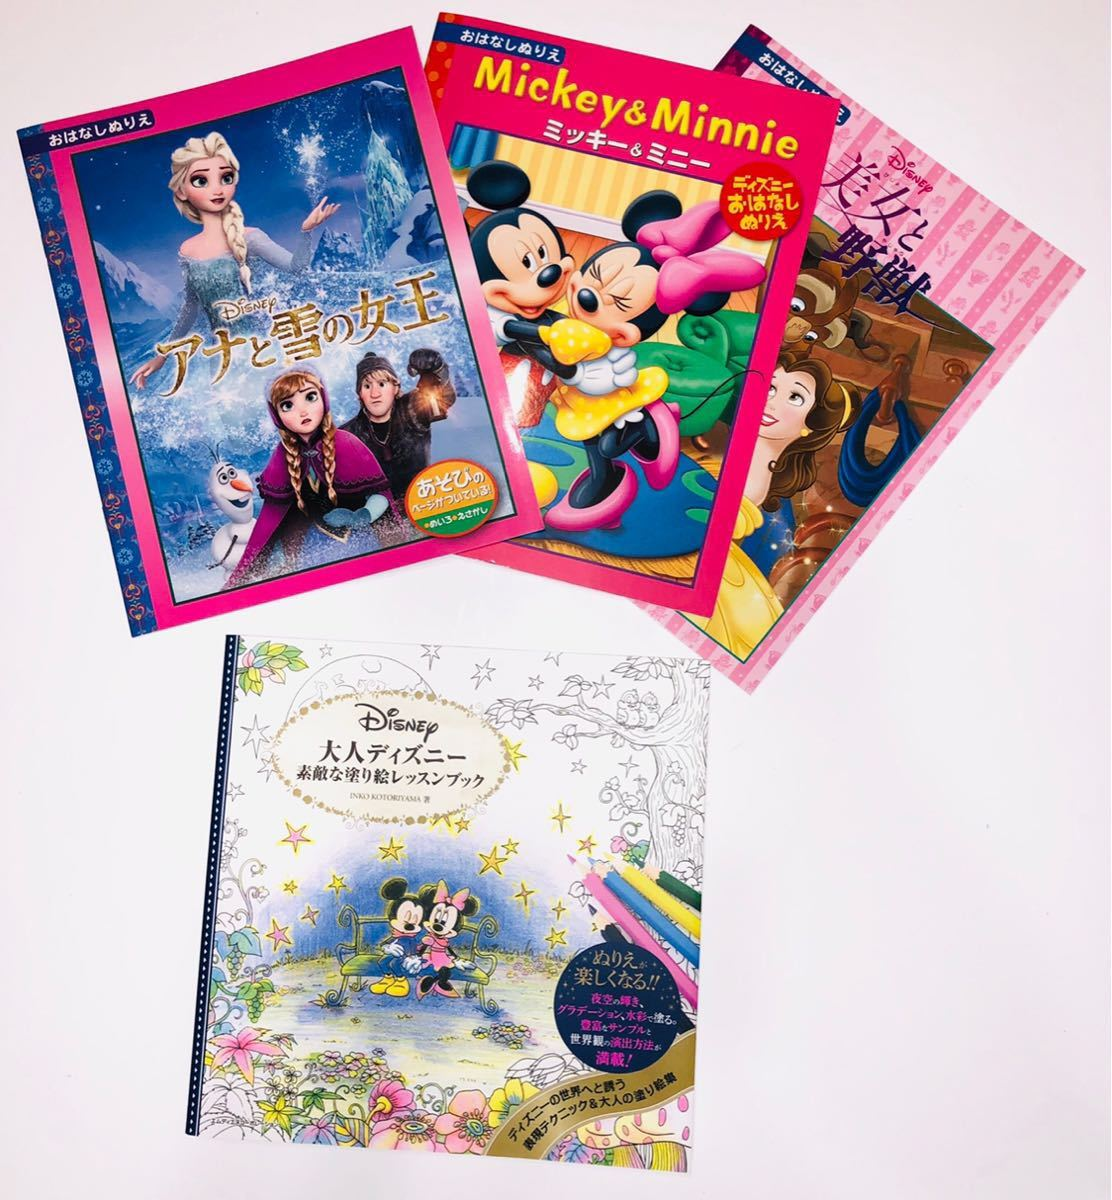 ディズニー 塗り絵セット アナ雪 美女と野獣 ミッキーミニー の落札情報